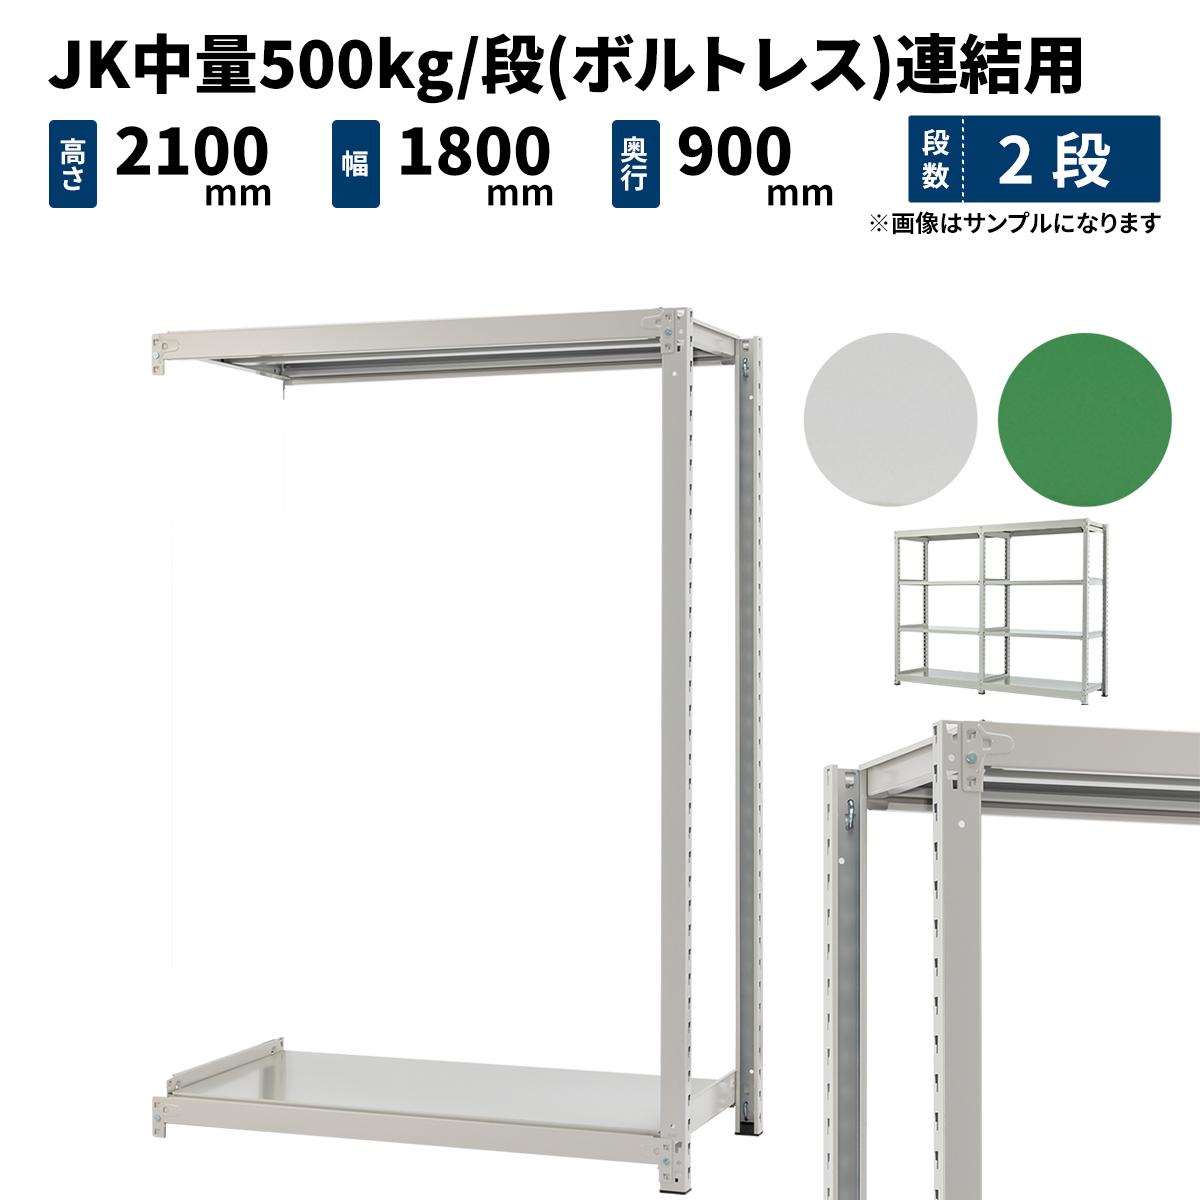 スチールラック 業務用 JK中量500kg/段(ボルトレス) 連結形式 高さ2100×幅1800×奥行900mm 2段 ホワイトグレー/グリーン (69kg) JK500_R-211809-2